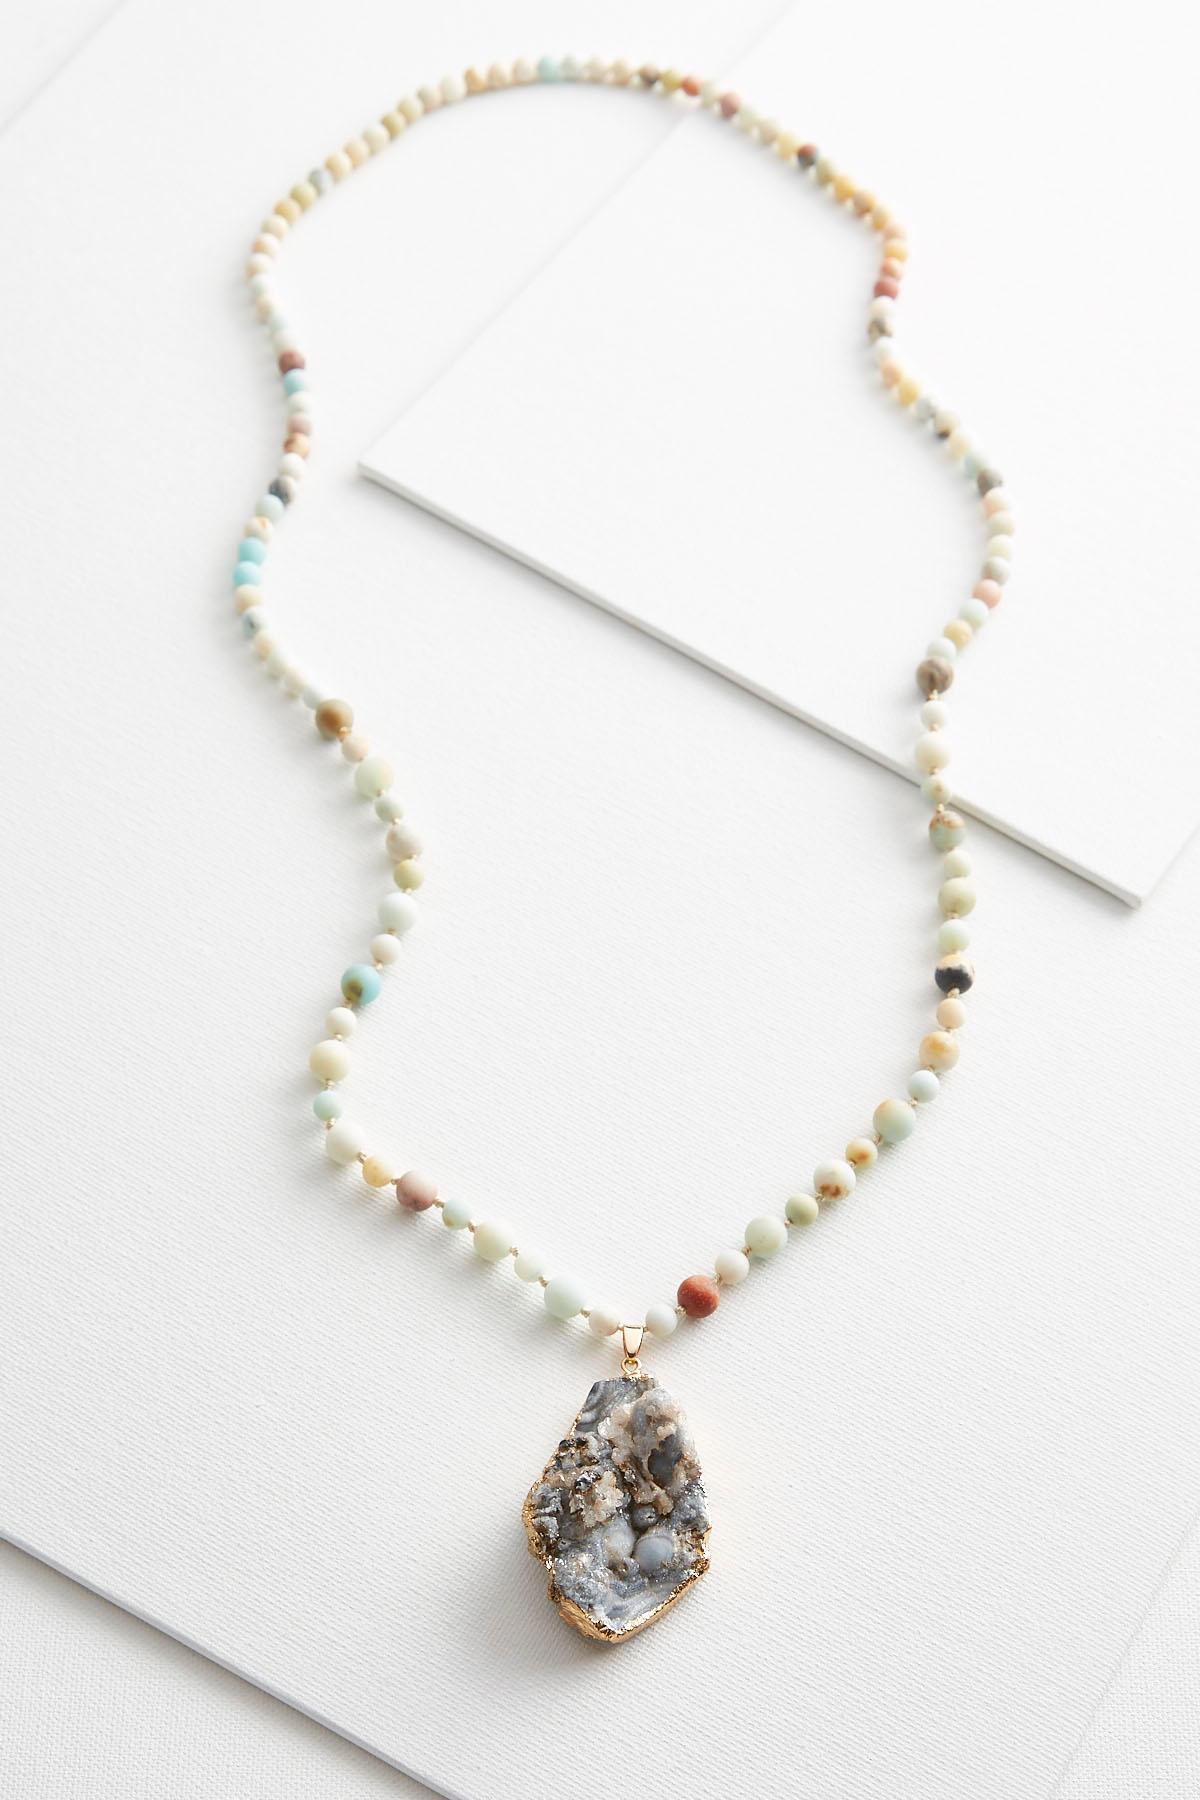 Versona beaded druzy pendant necklace beaded druzy pendant necklace item 42336198 aloadofball Image collections